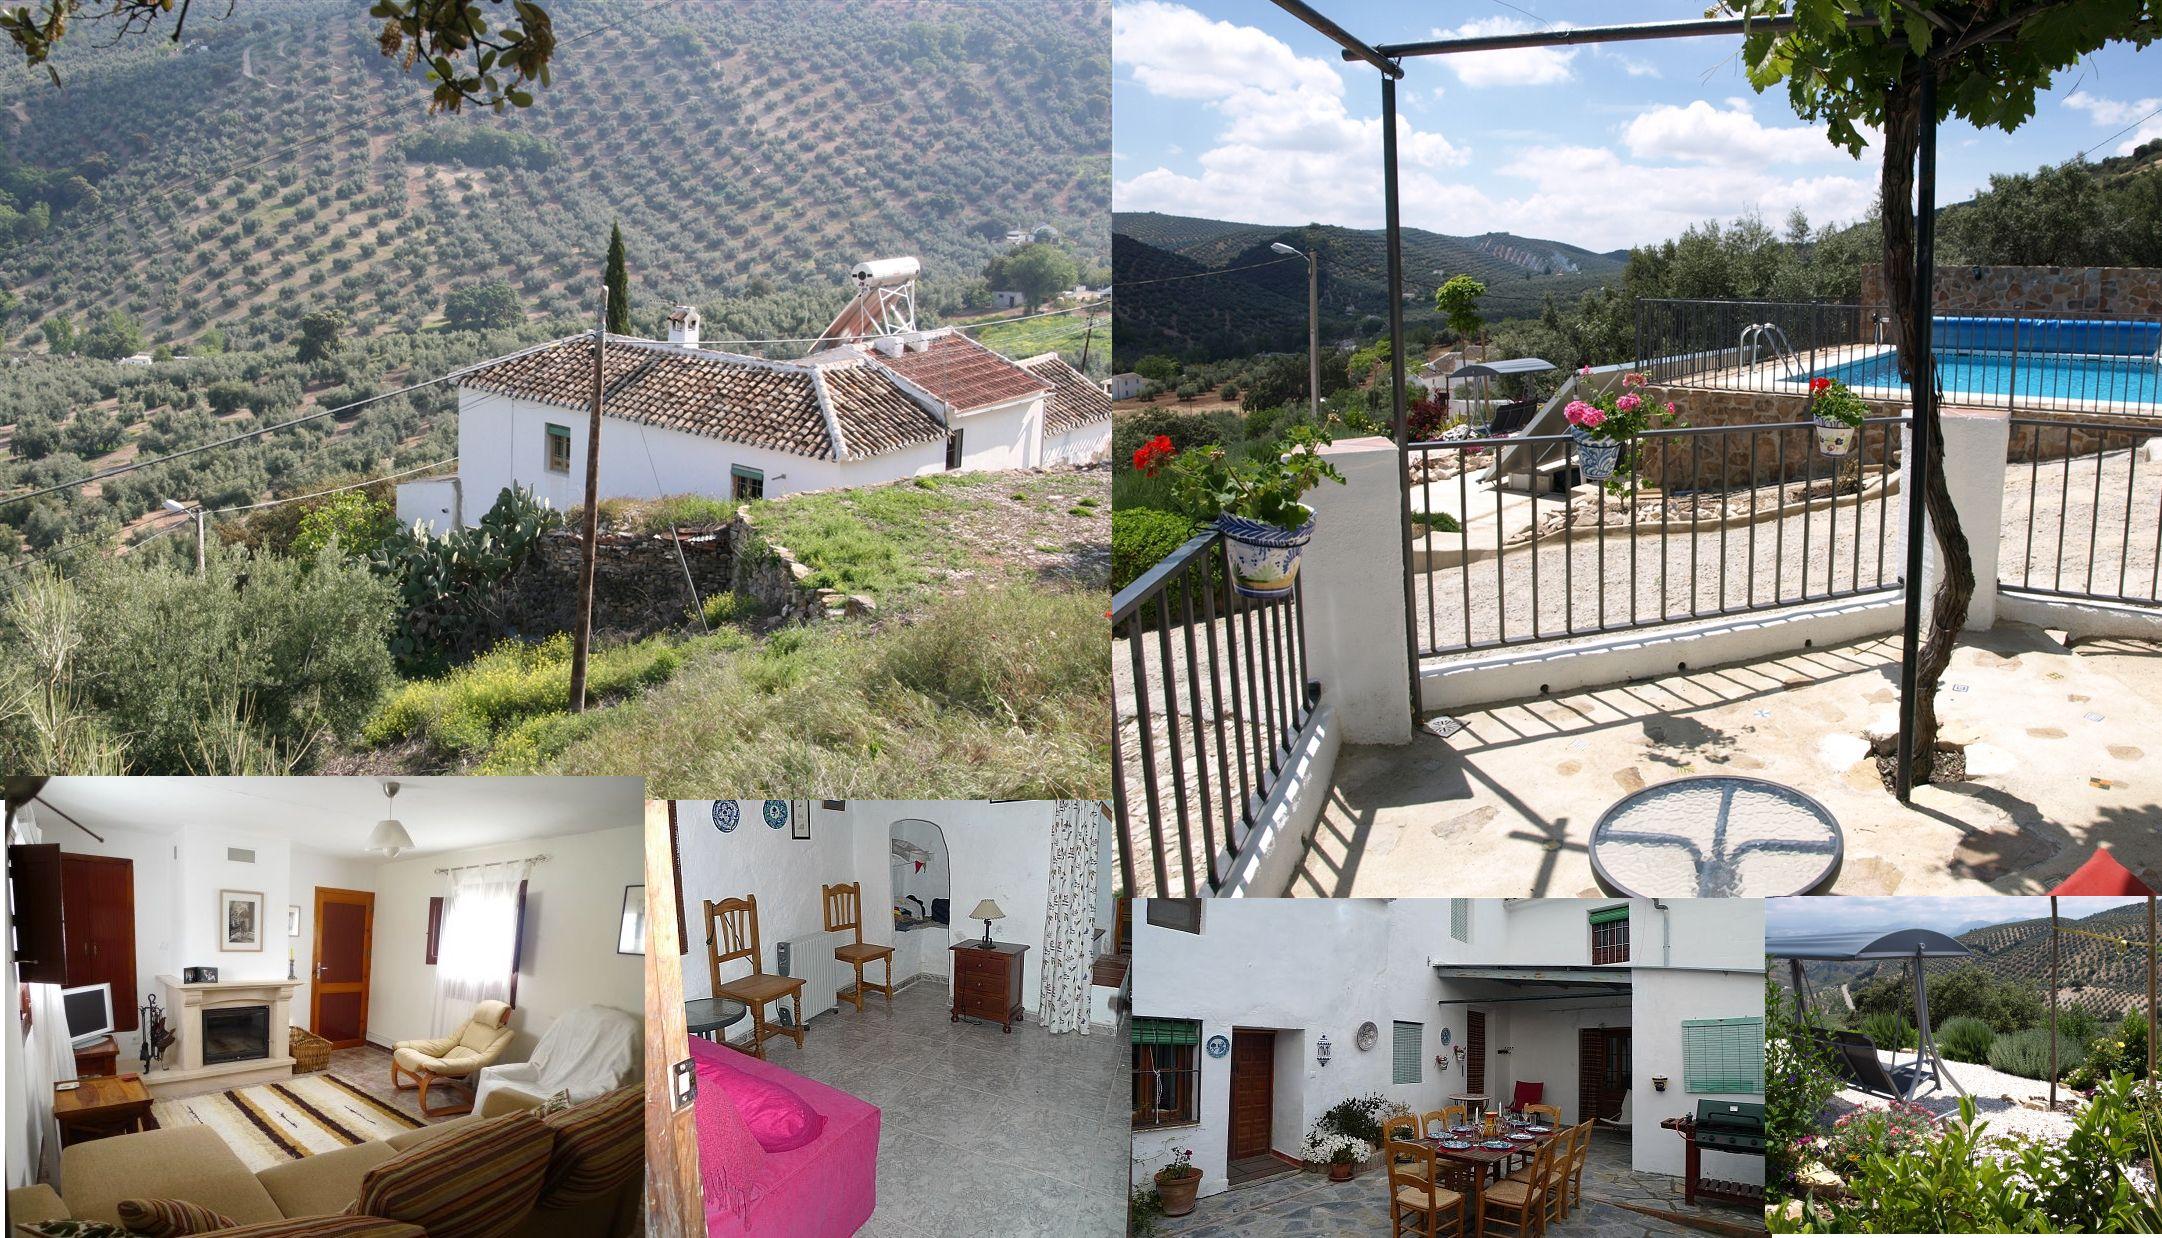 Landhuis tussen Málaga en Córdoba in. Prachtig uitzicht, rust, natuur en comfort. Met zwembad. Ideaal voor een ouders en voor kinderen: een ontspanvakantie én mogelijkheden te over voor een excursie naar één van deze twee prachtige steden.  Lastminute aanbieding op deze woning geldt v.a. 19 mei 2013. Wees er snel bij!  Website en code 4547: http://www.vakantiehuizenspanje.nl/4547 #andalusië #vakantiehuis #natuur #opvakantiemetgezin